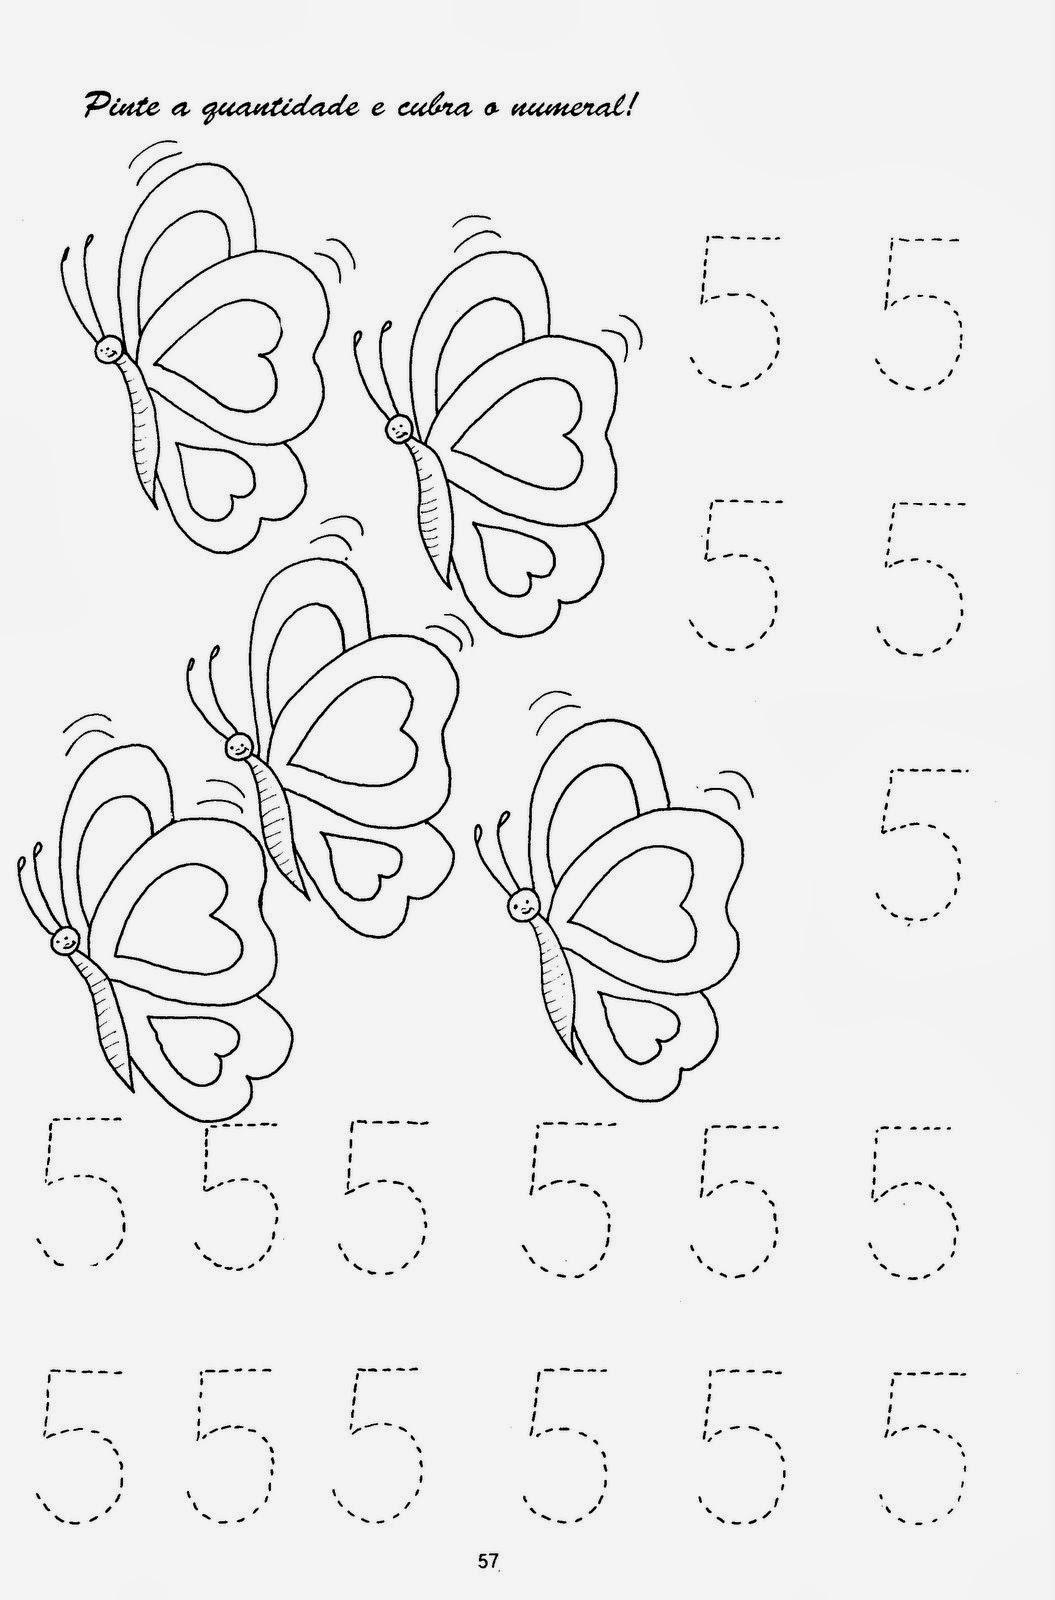 Famosos Exercícios com desenhos e números pontilhados | Atividades Jardim  ZP72